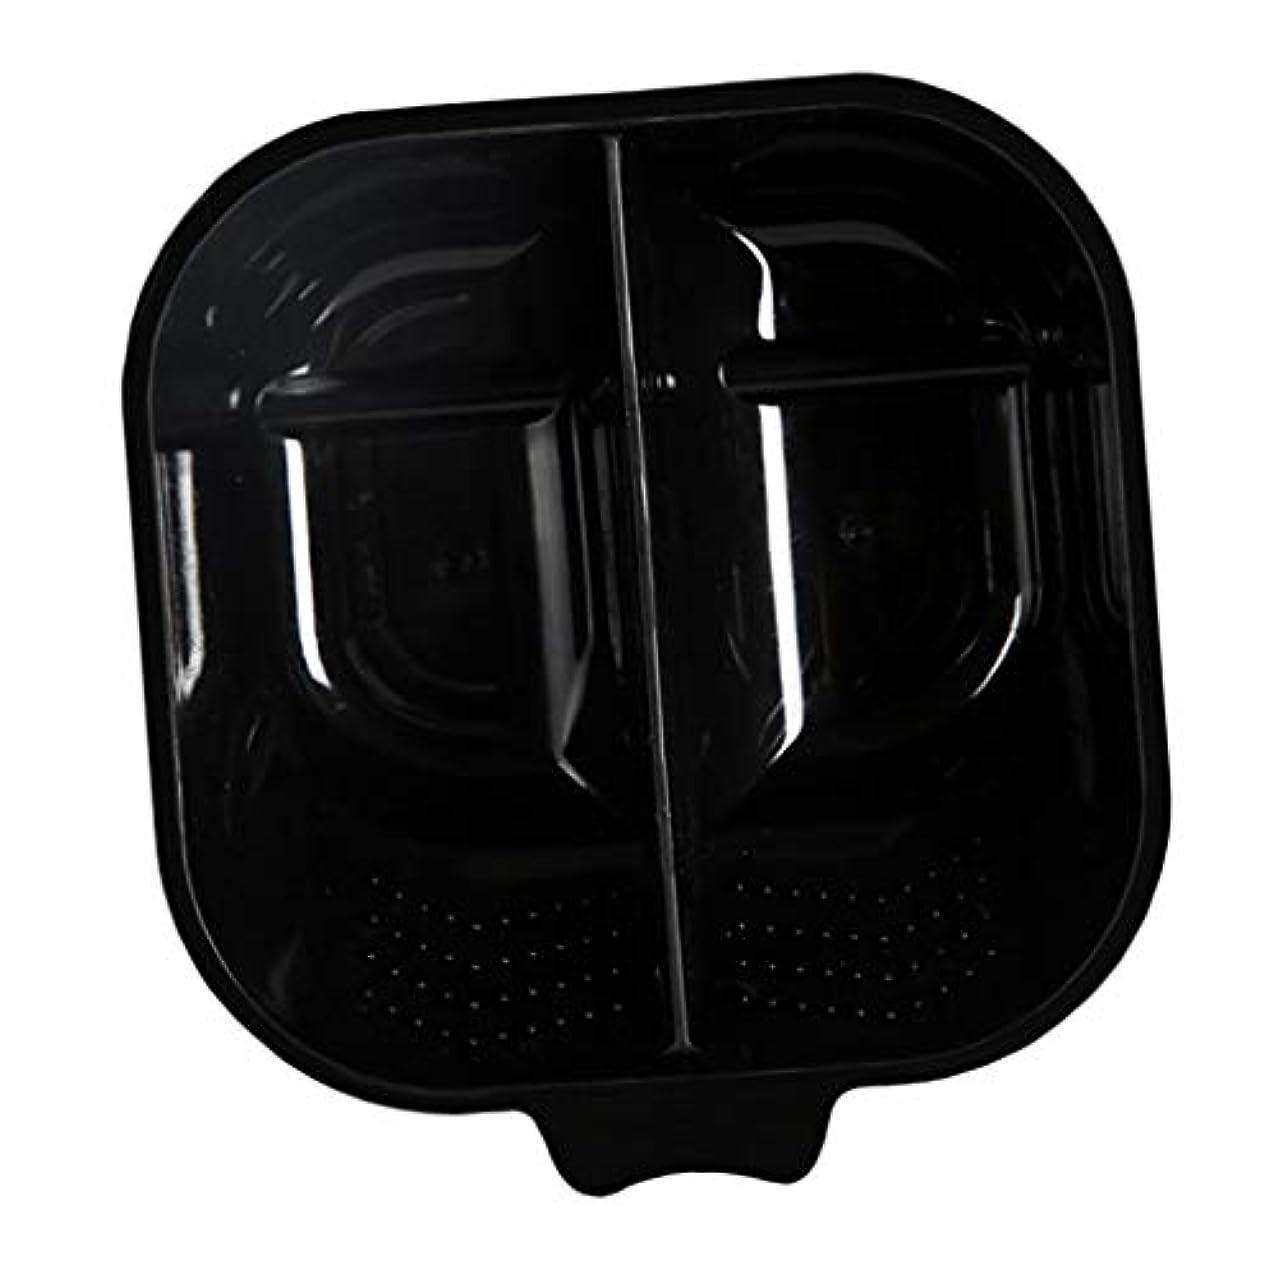 リングバック自治ローブヘアカラーリング用品 ヘアカラーボウル ヘアカラープレート 毛染め 染料 混ぜる サロン プロ用品 - ブラック